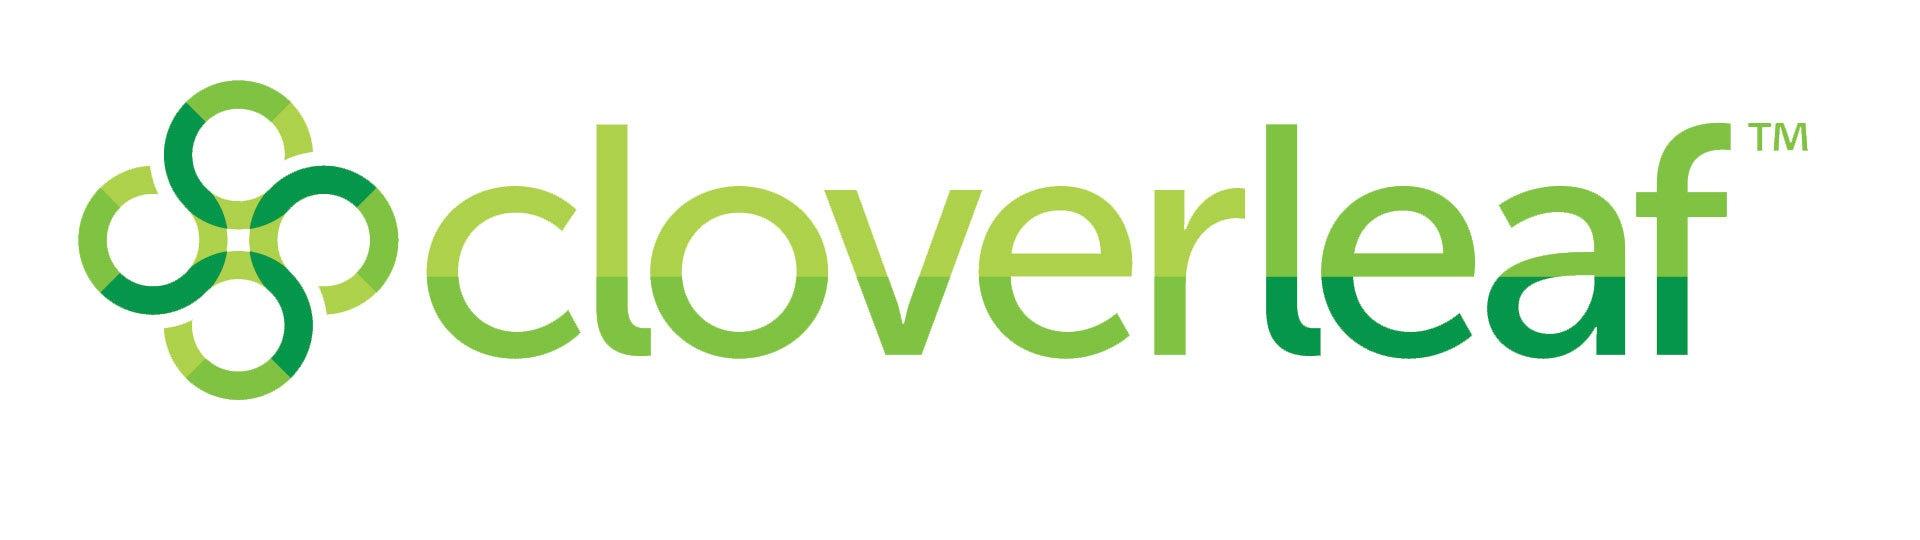 2448503_cloverleaf_logo_.jpg